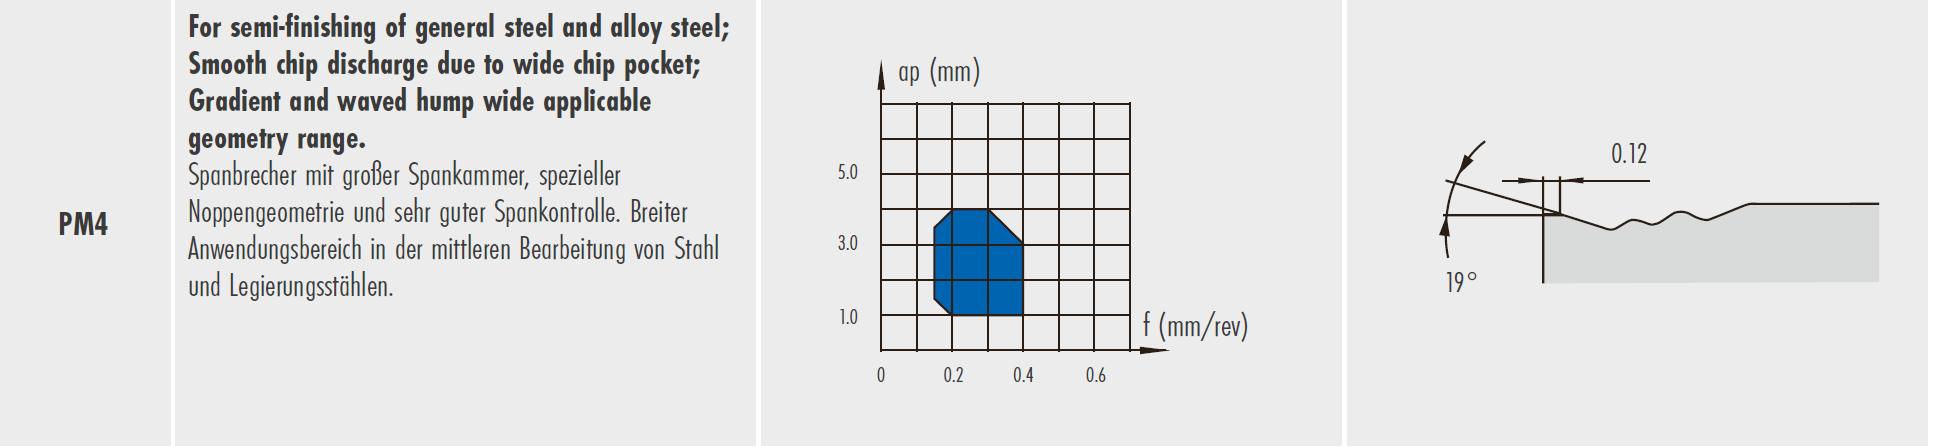 CNMG  090304 - PM4 - TP25CG - für Stahl